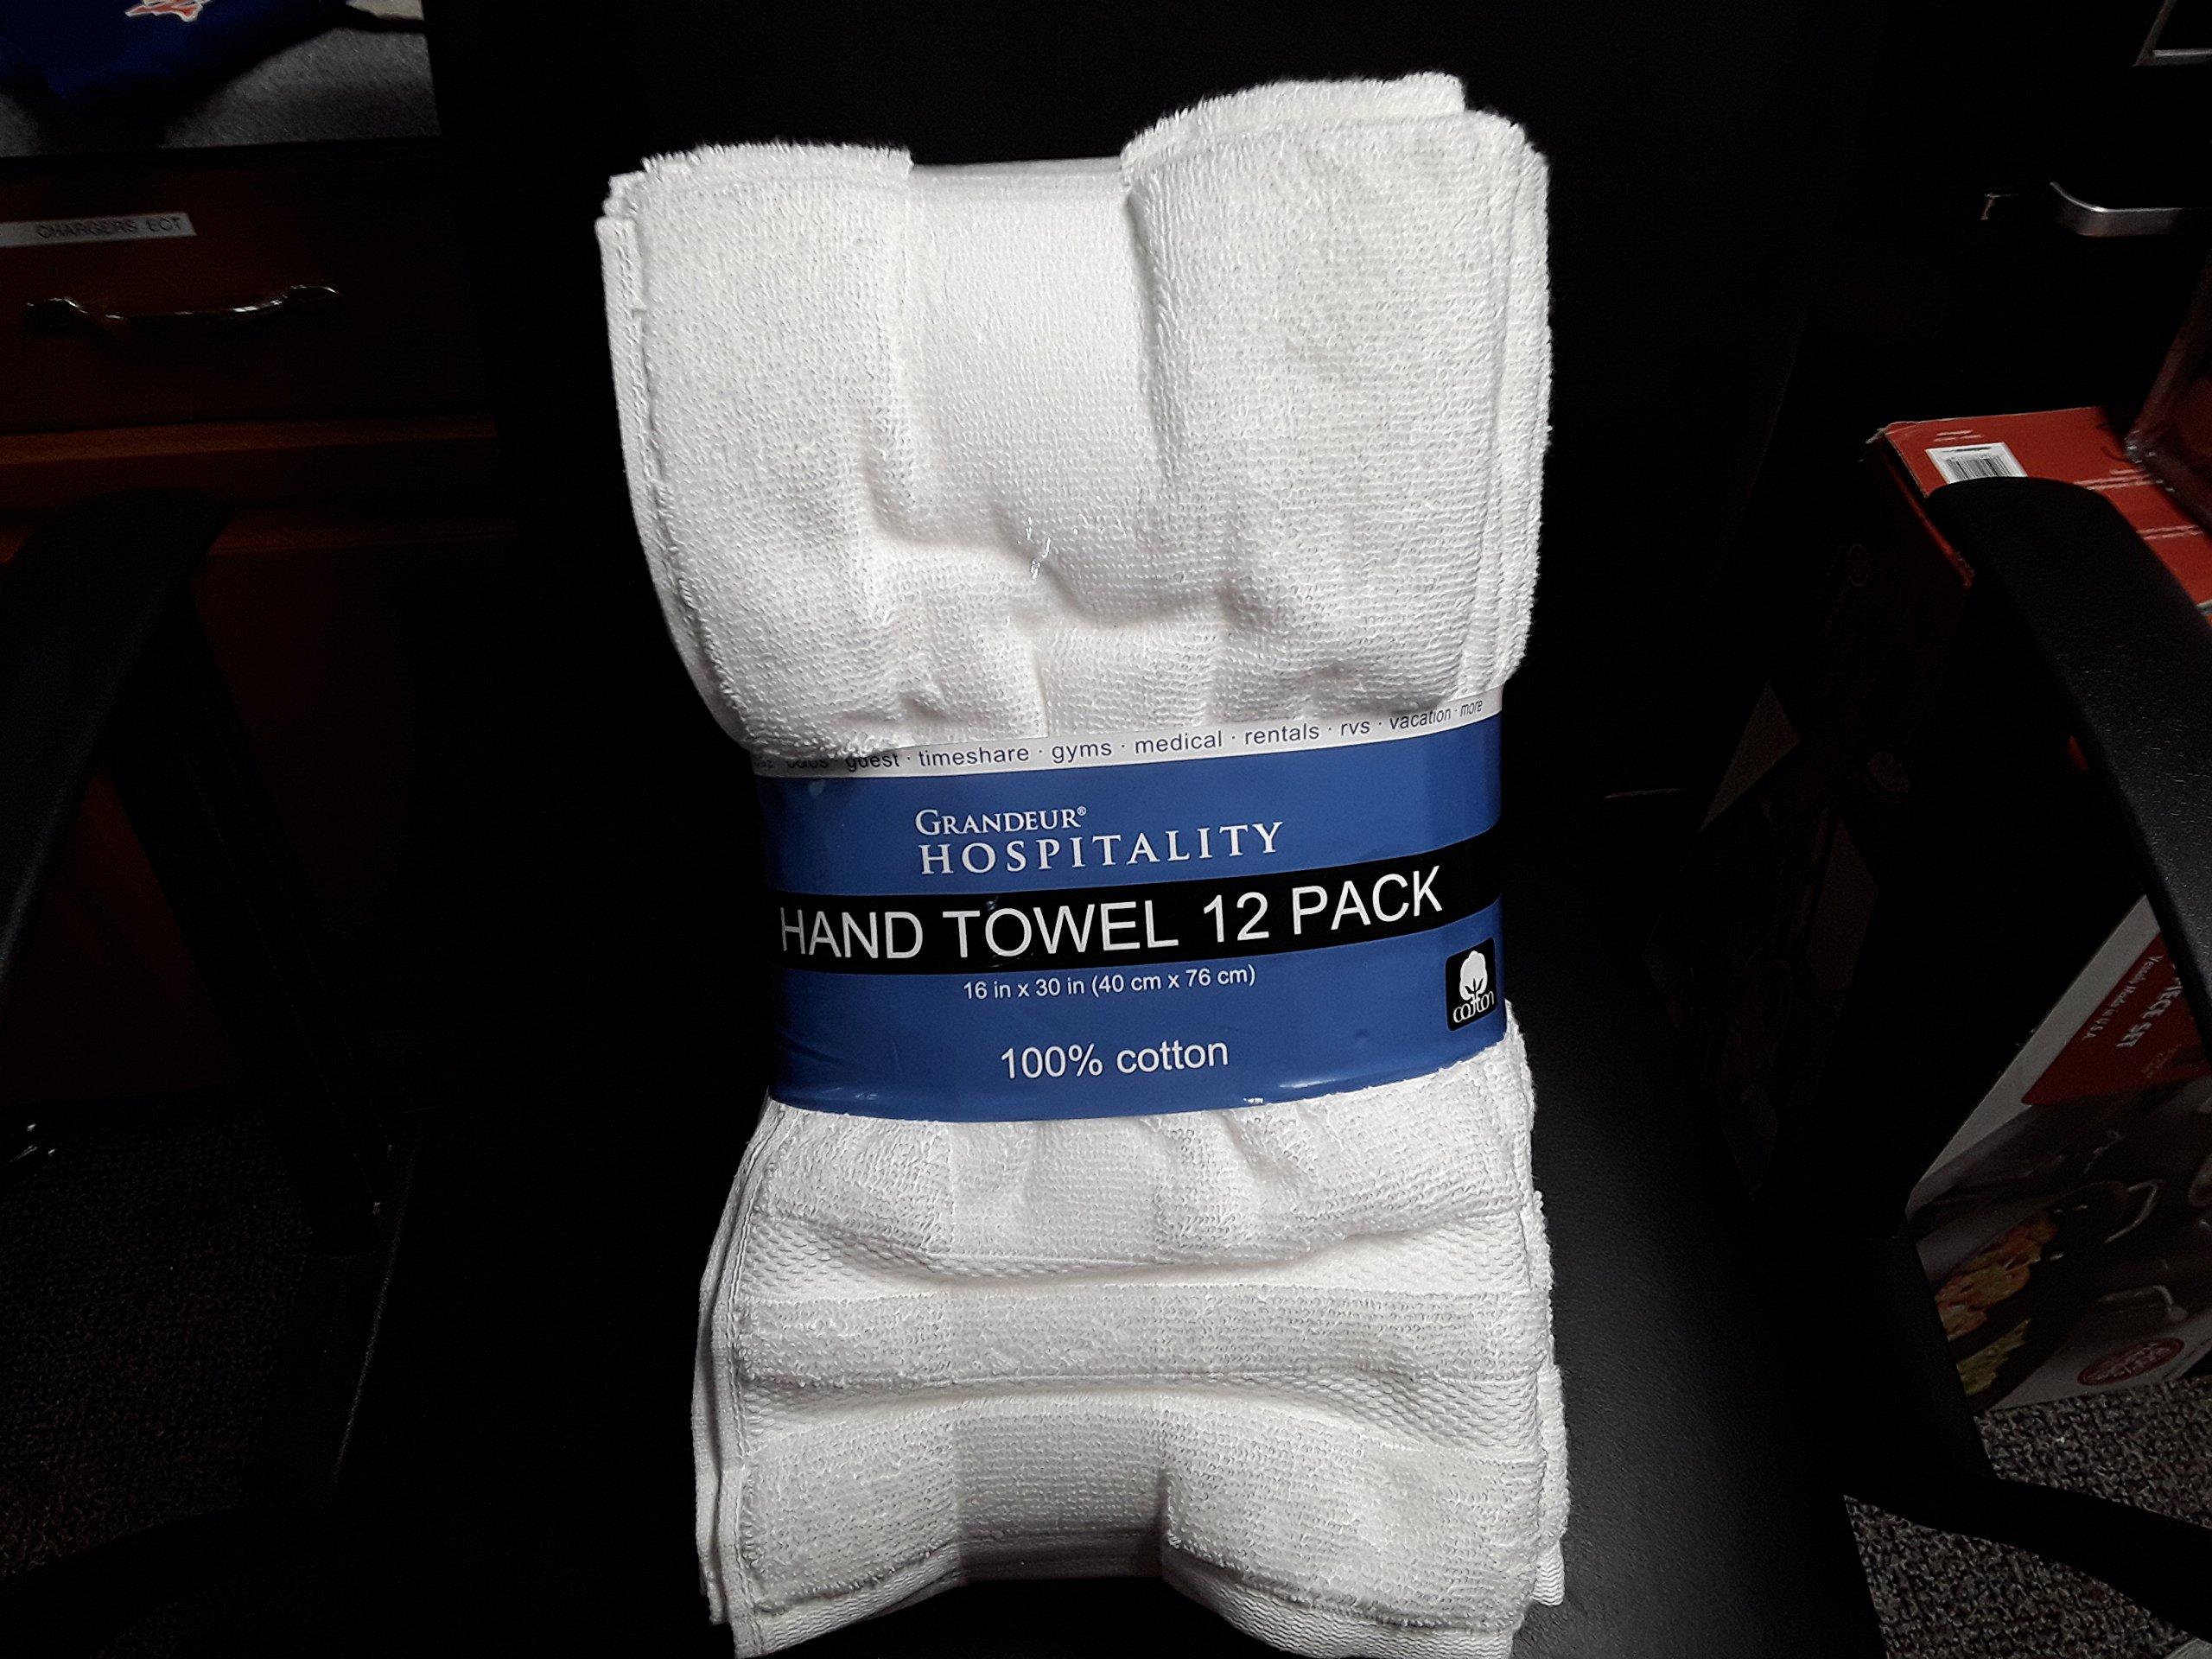 Grandeur Hospitality Hand Towel 12 Pack